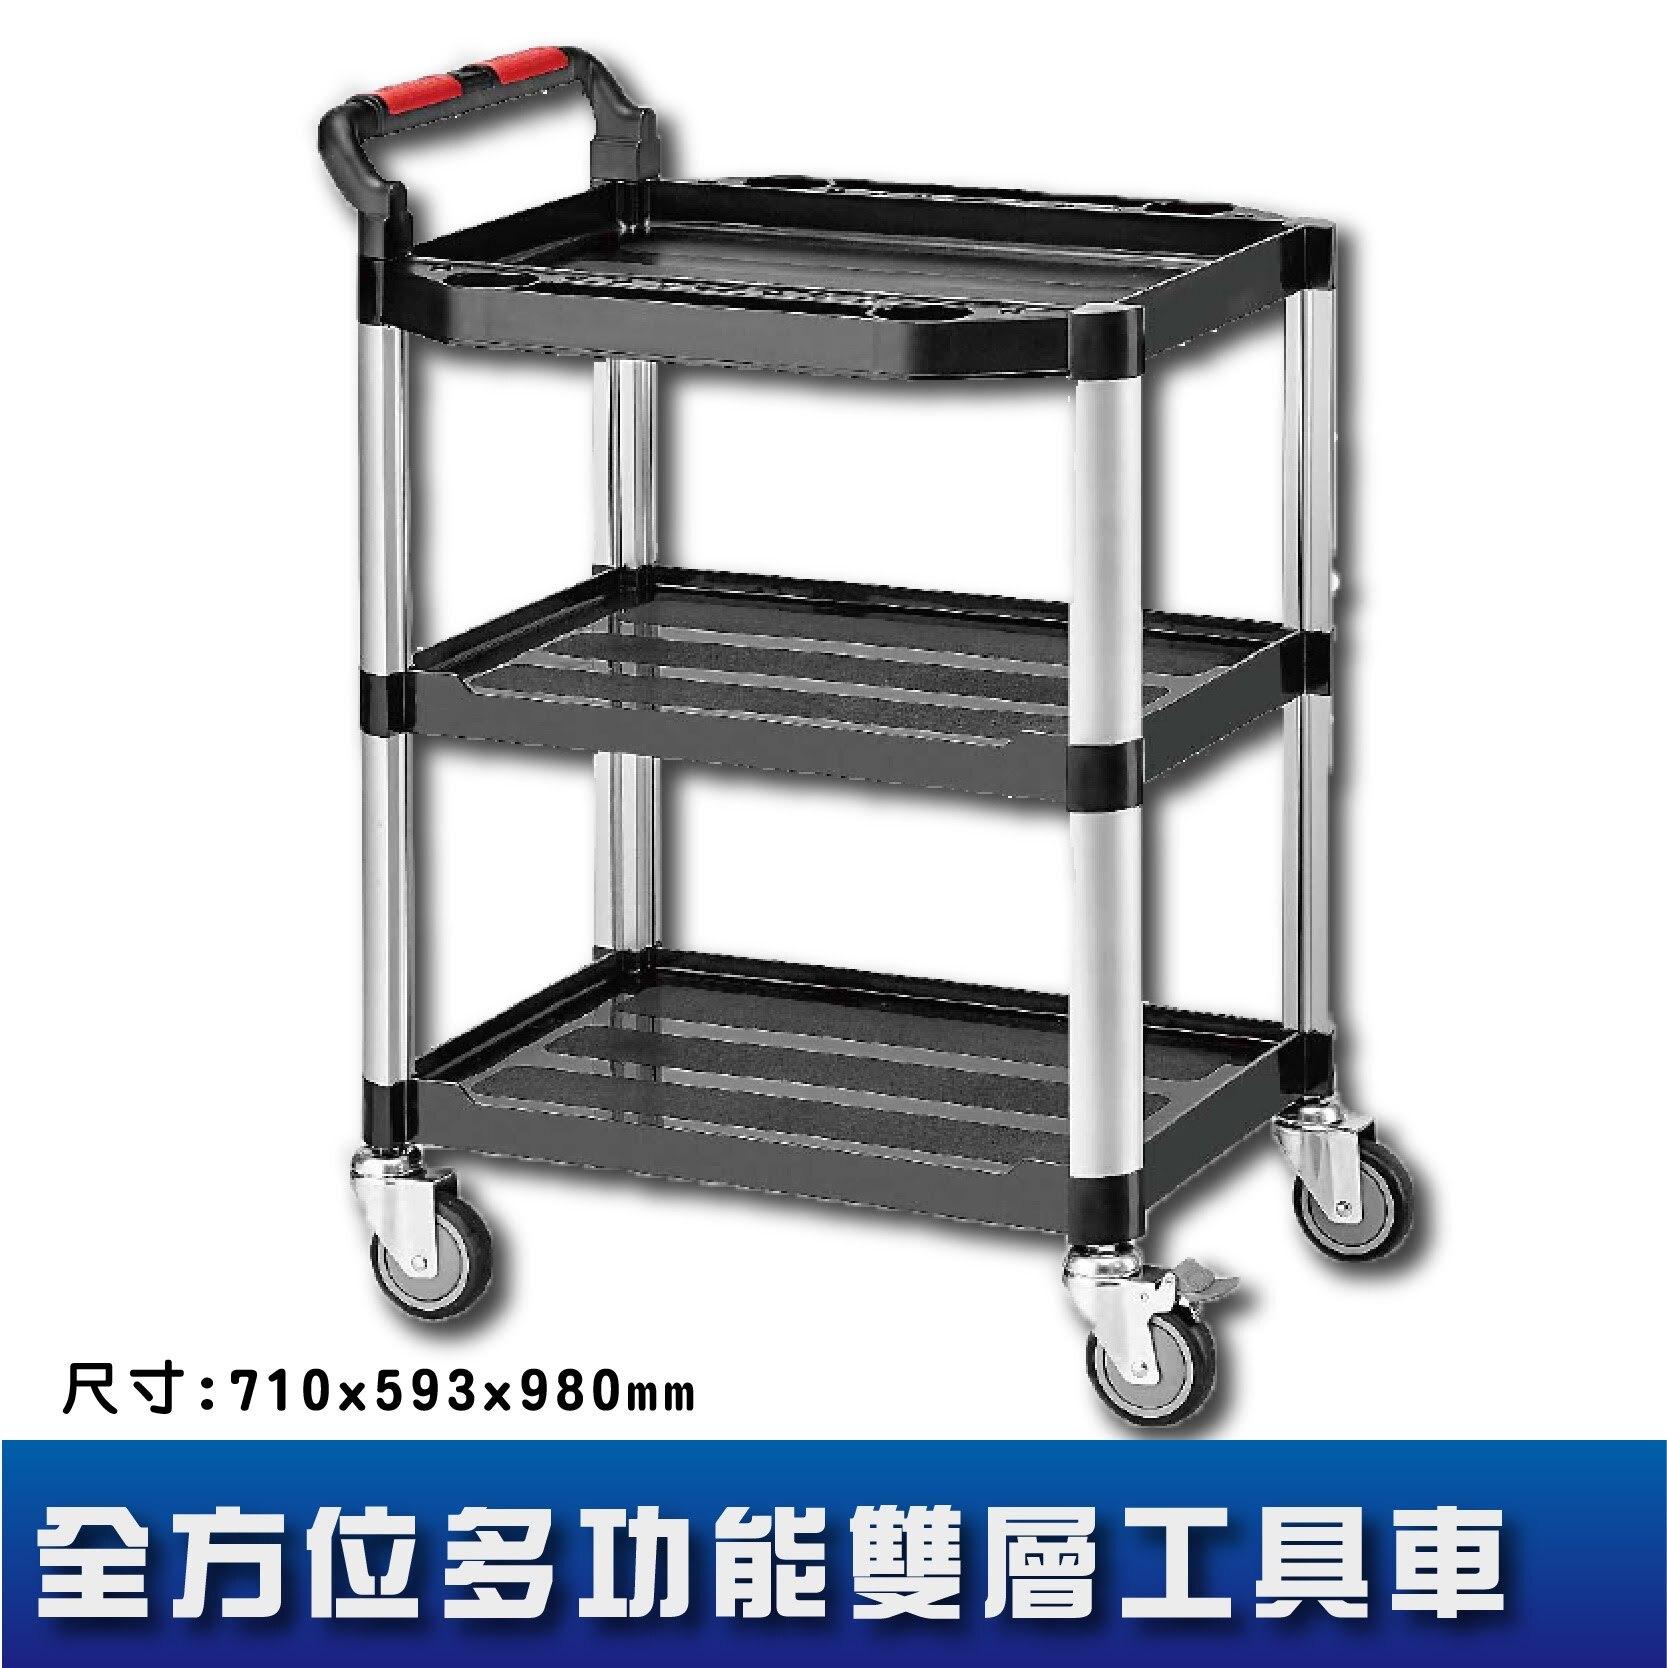 多種選擇〞KT808FB 全方位多功能三層工具車 手推車 工作車 置物車 分層車 餐車 清潔車 房務車 服務車